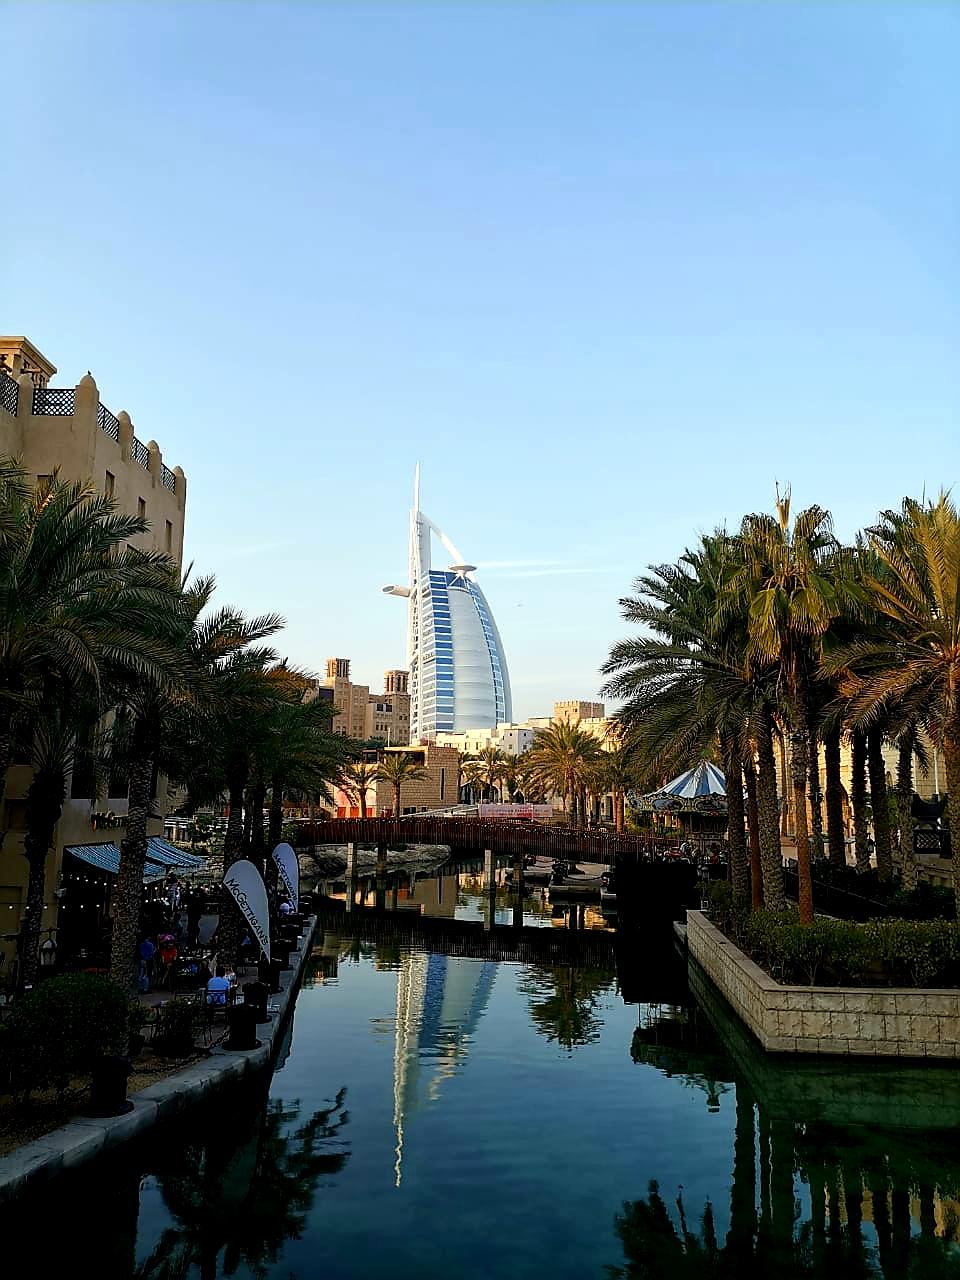 Von hier aus hast du einen wunderbaren Blick auf den Burj Al Arab